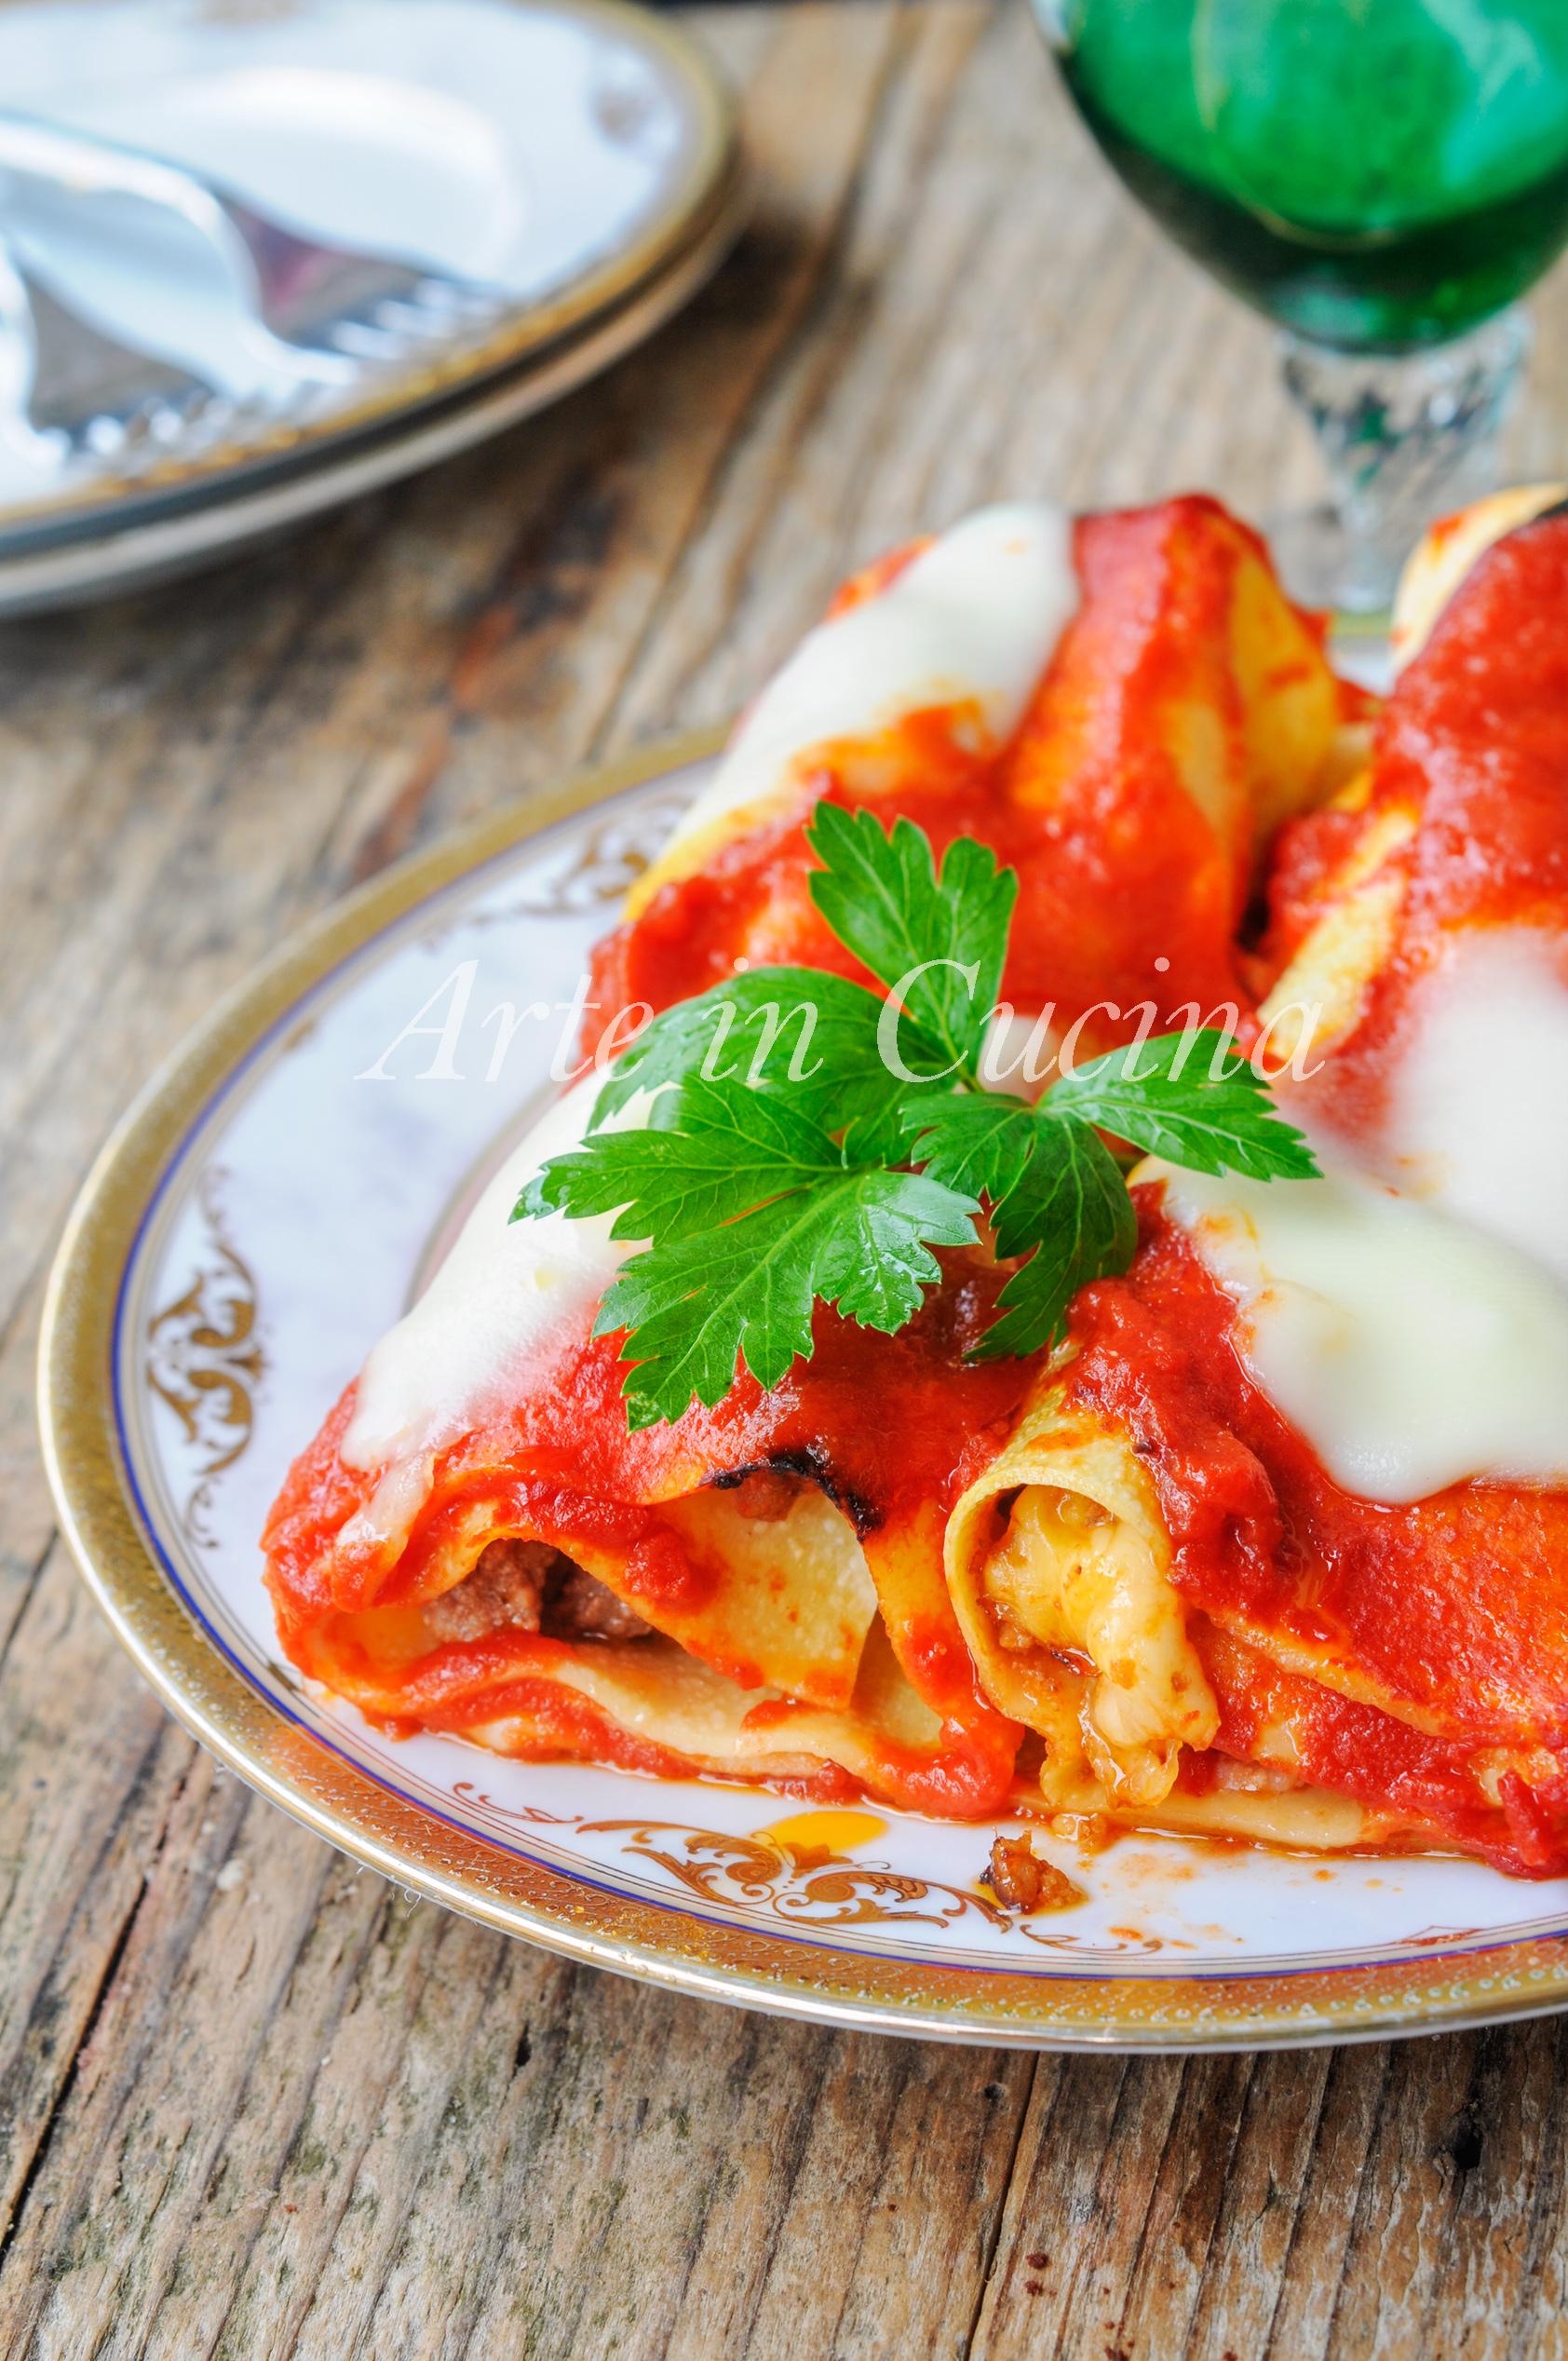 Cannelloni di lasagna con ricotta e carne al sugo vickyart arte in cucina